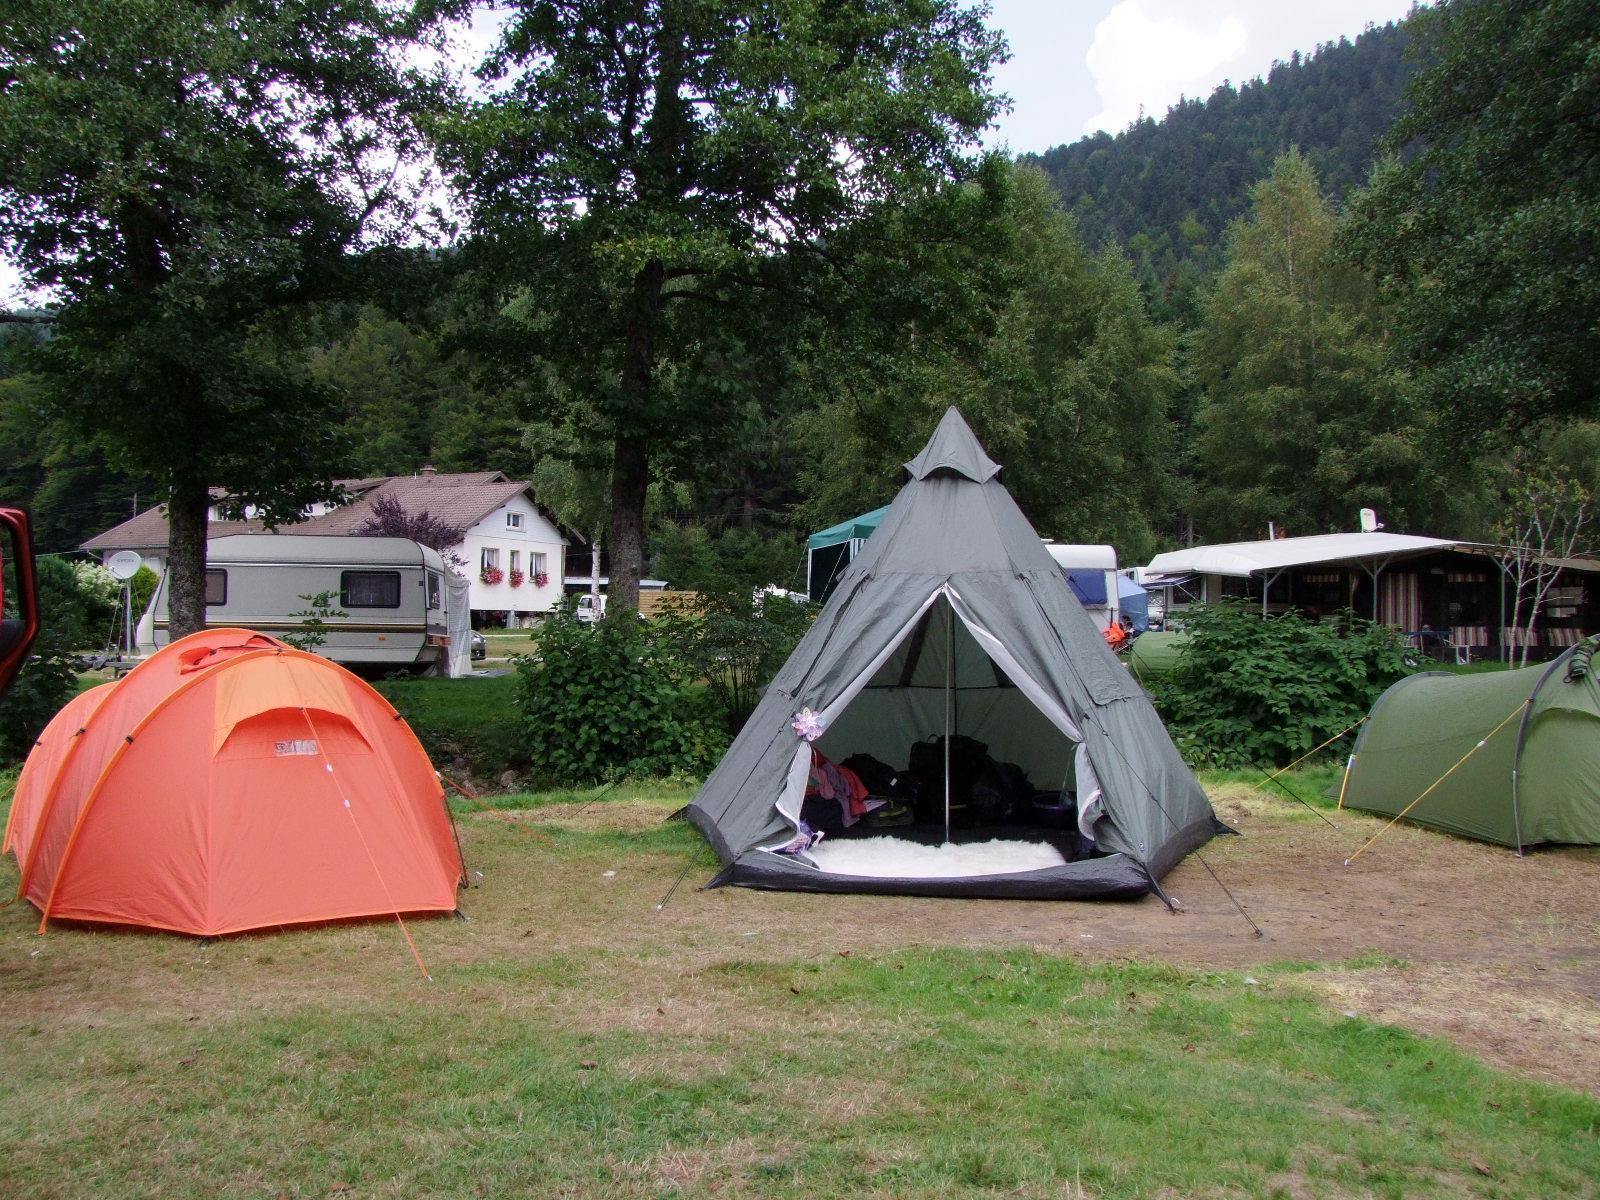 Emplacement - Forfait Randonneur : 1 Personne À Pied Ou À Vélo (Sans Véhicule) / 1 Tente Sans Électricité - Flower Camping Verte Vallee